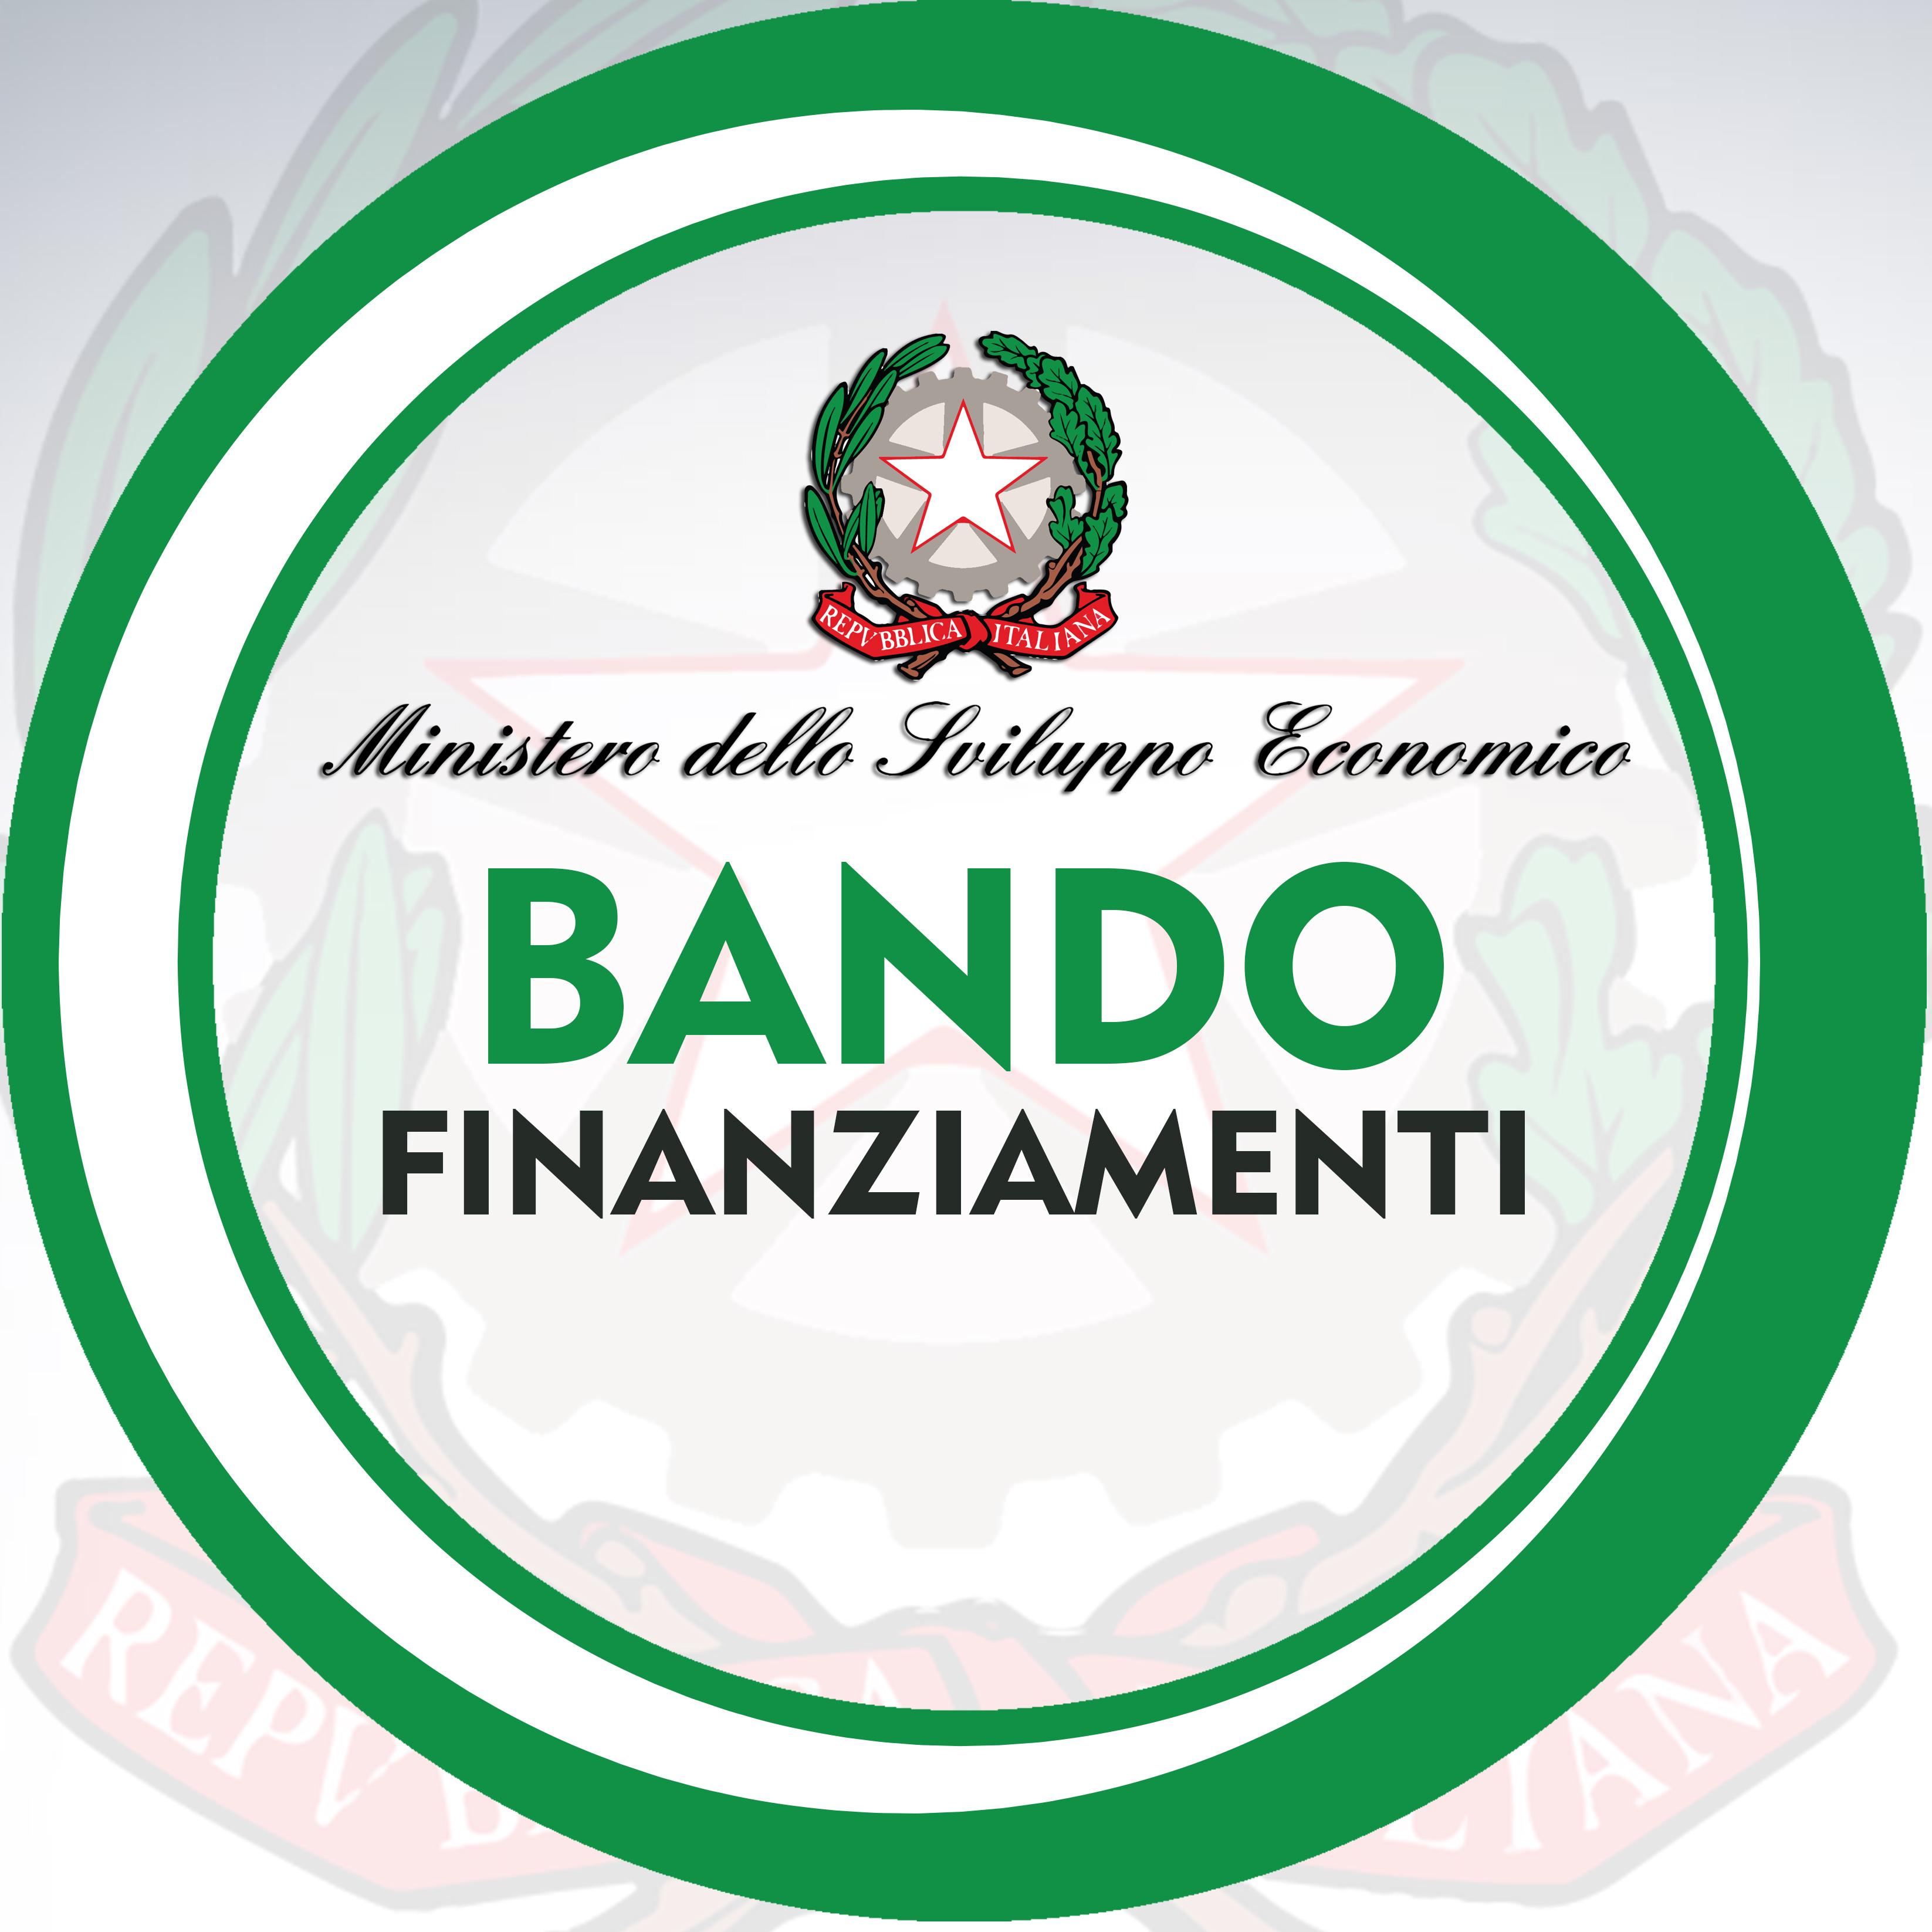 Bando MISE 2015